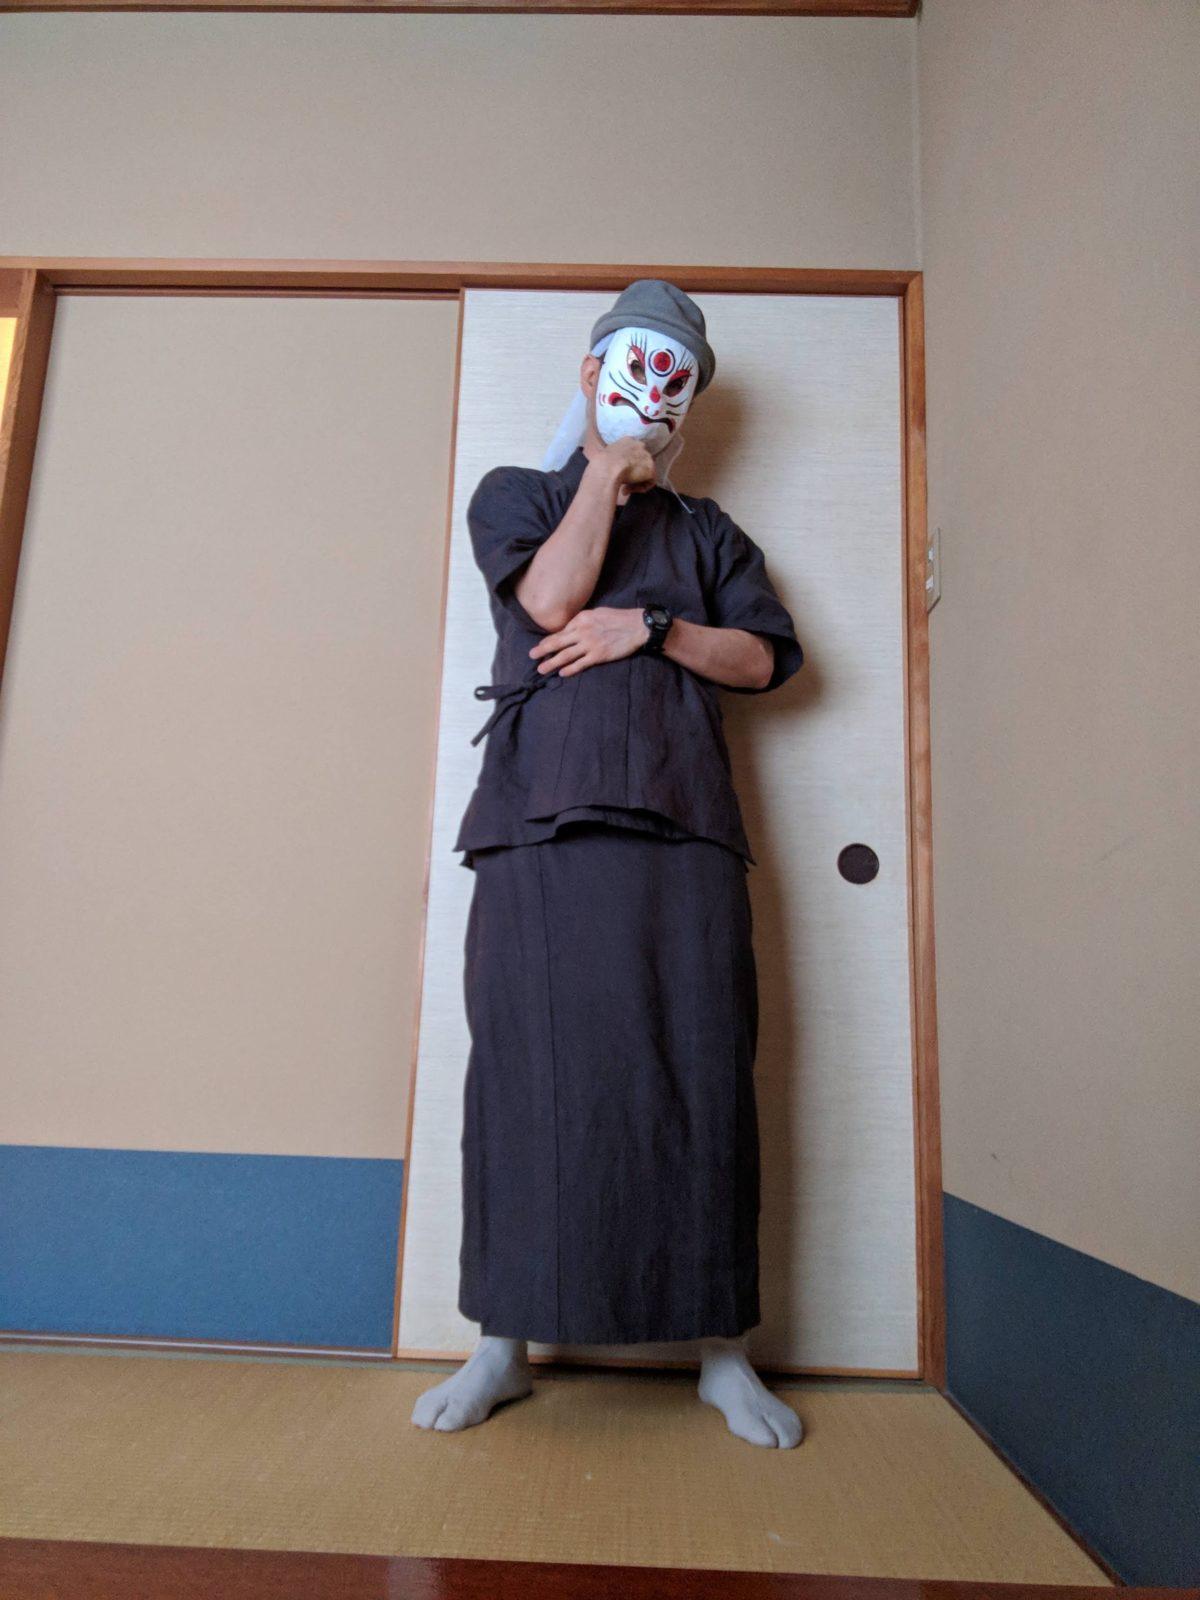 男の和服,メンズ着物,狐面,日本,裏着物,浴衣,和,文化,肌襦袢,裾除け